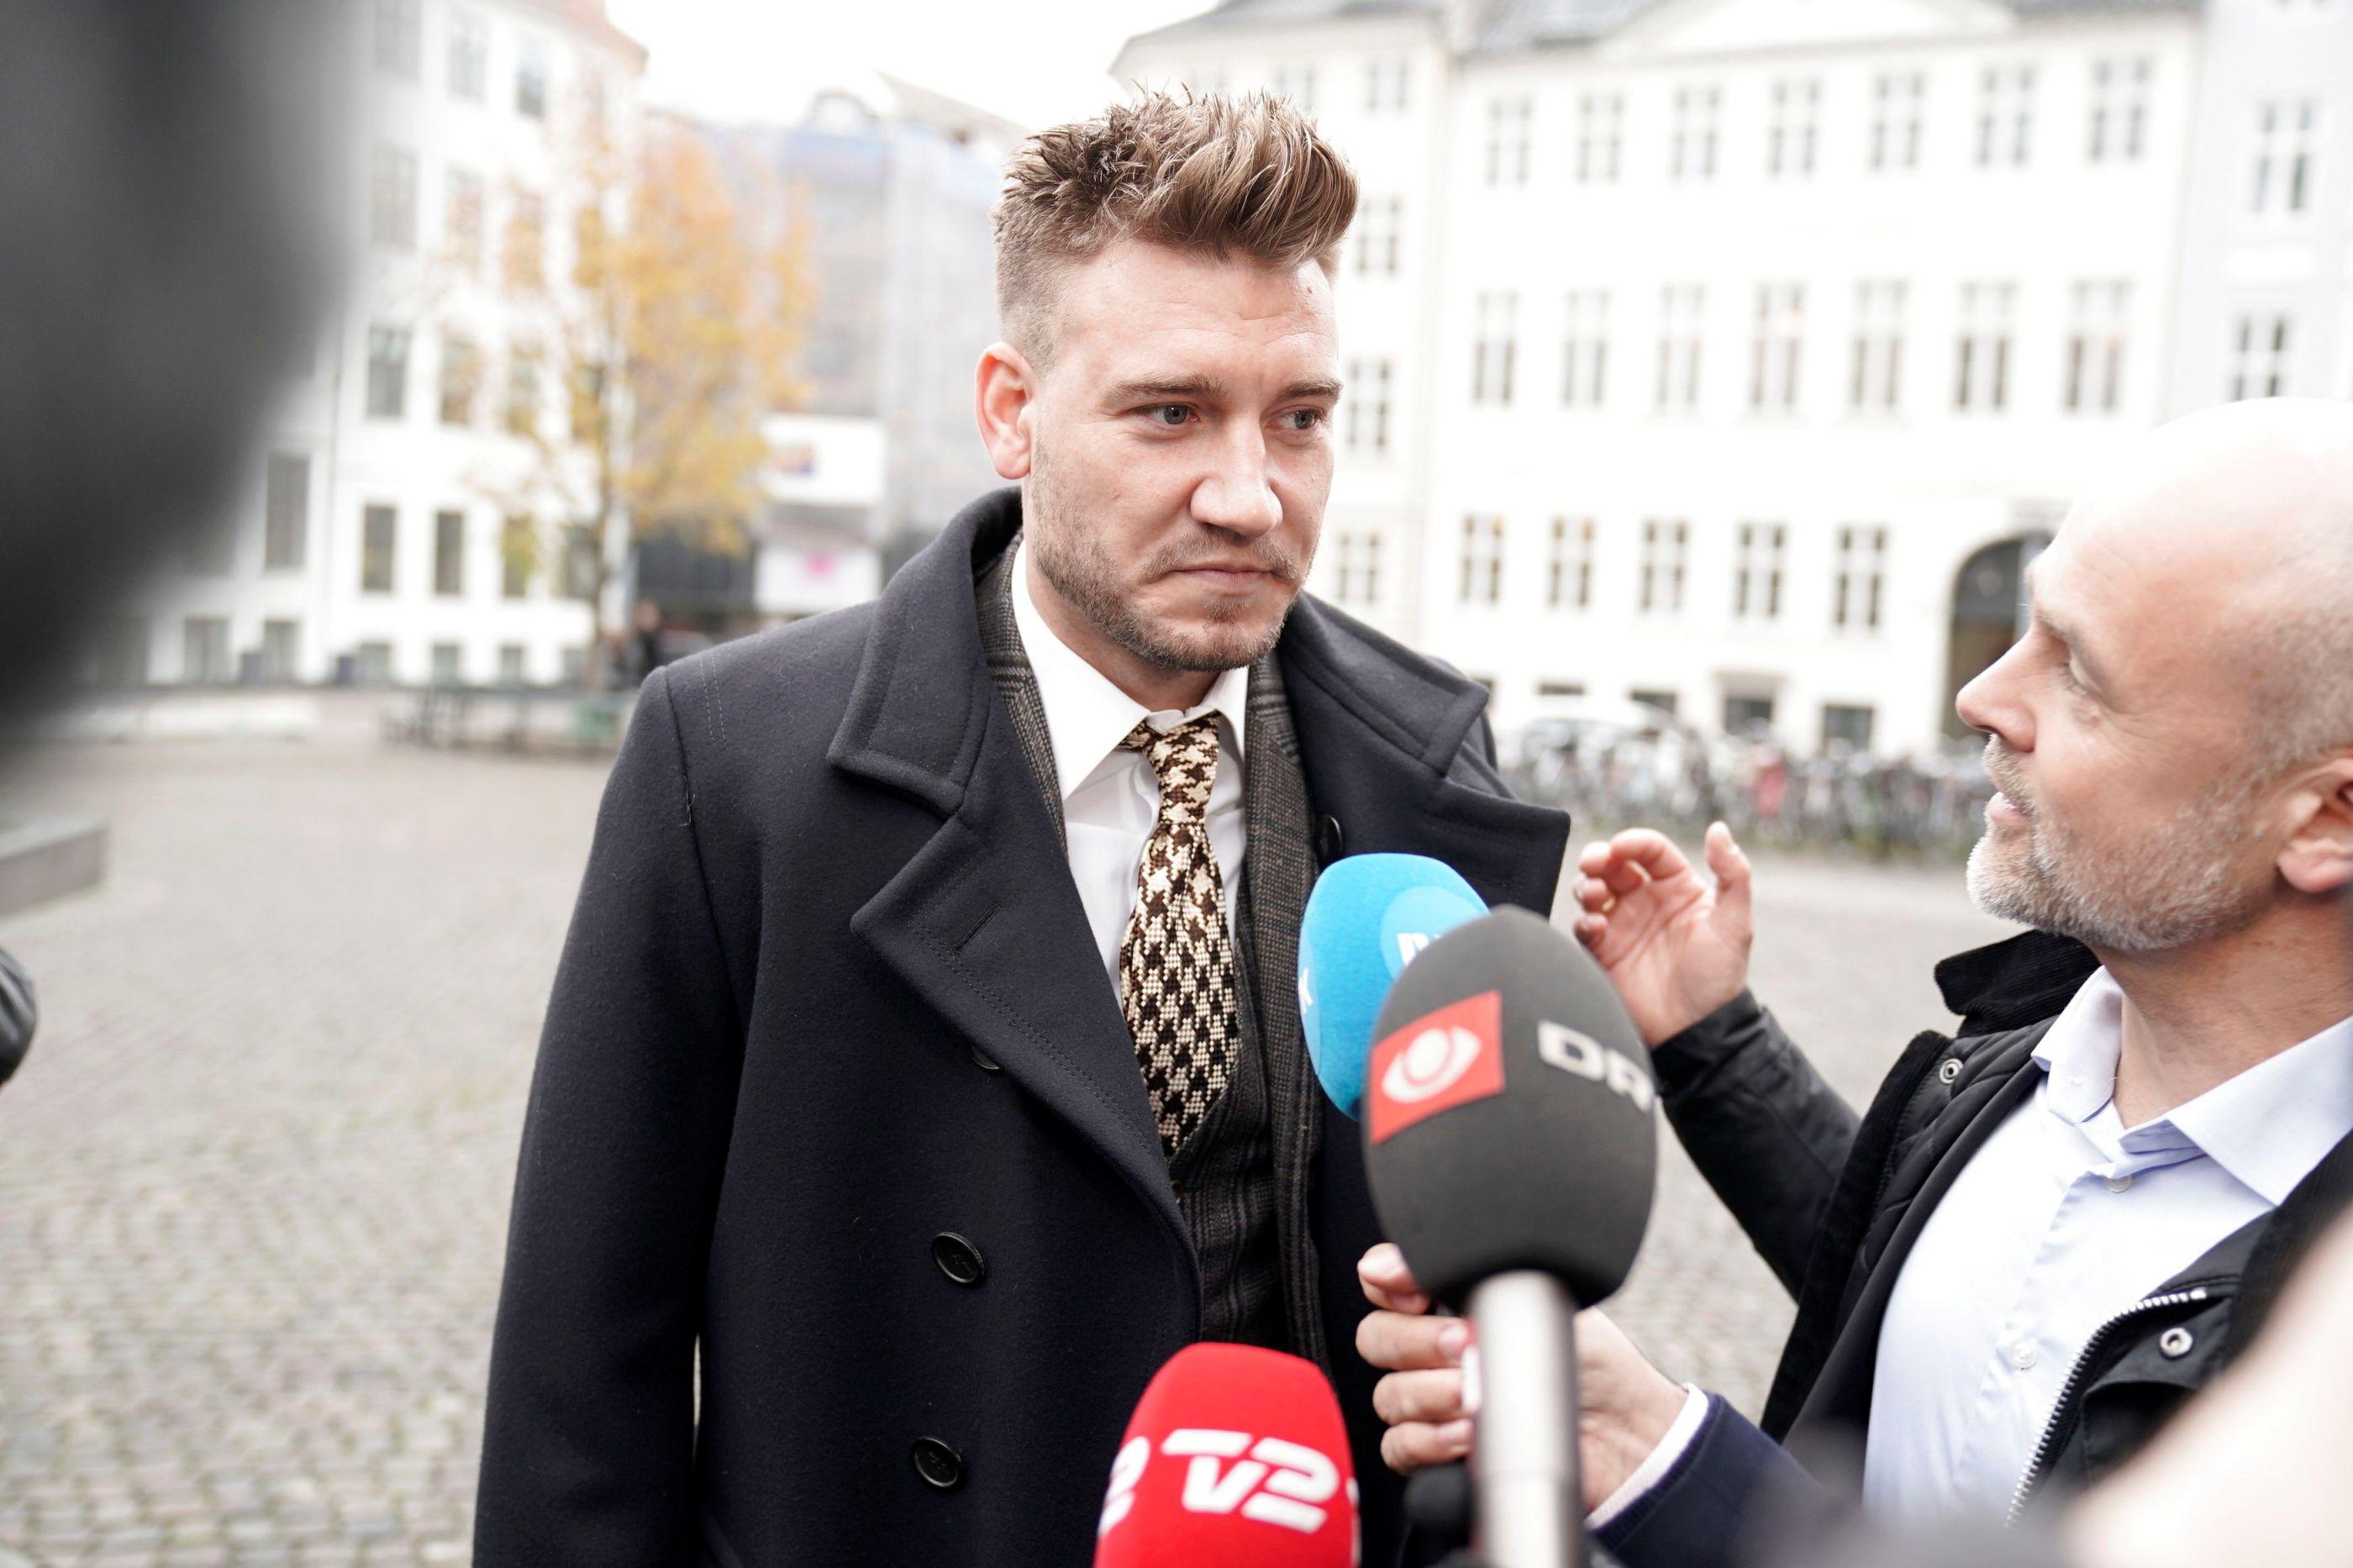 Nicklas Bendtner condenado a 50 dias de cadeia por agressão